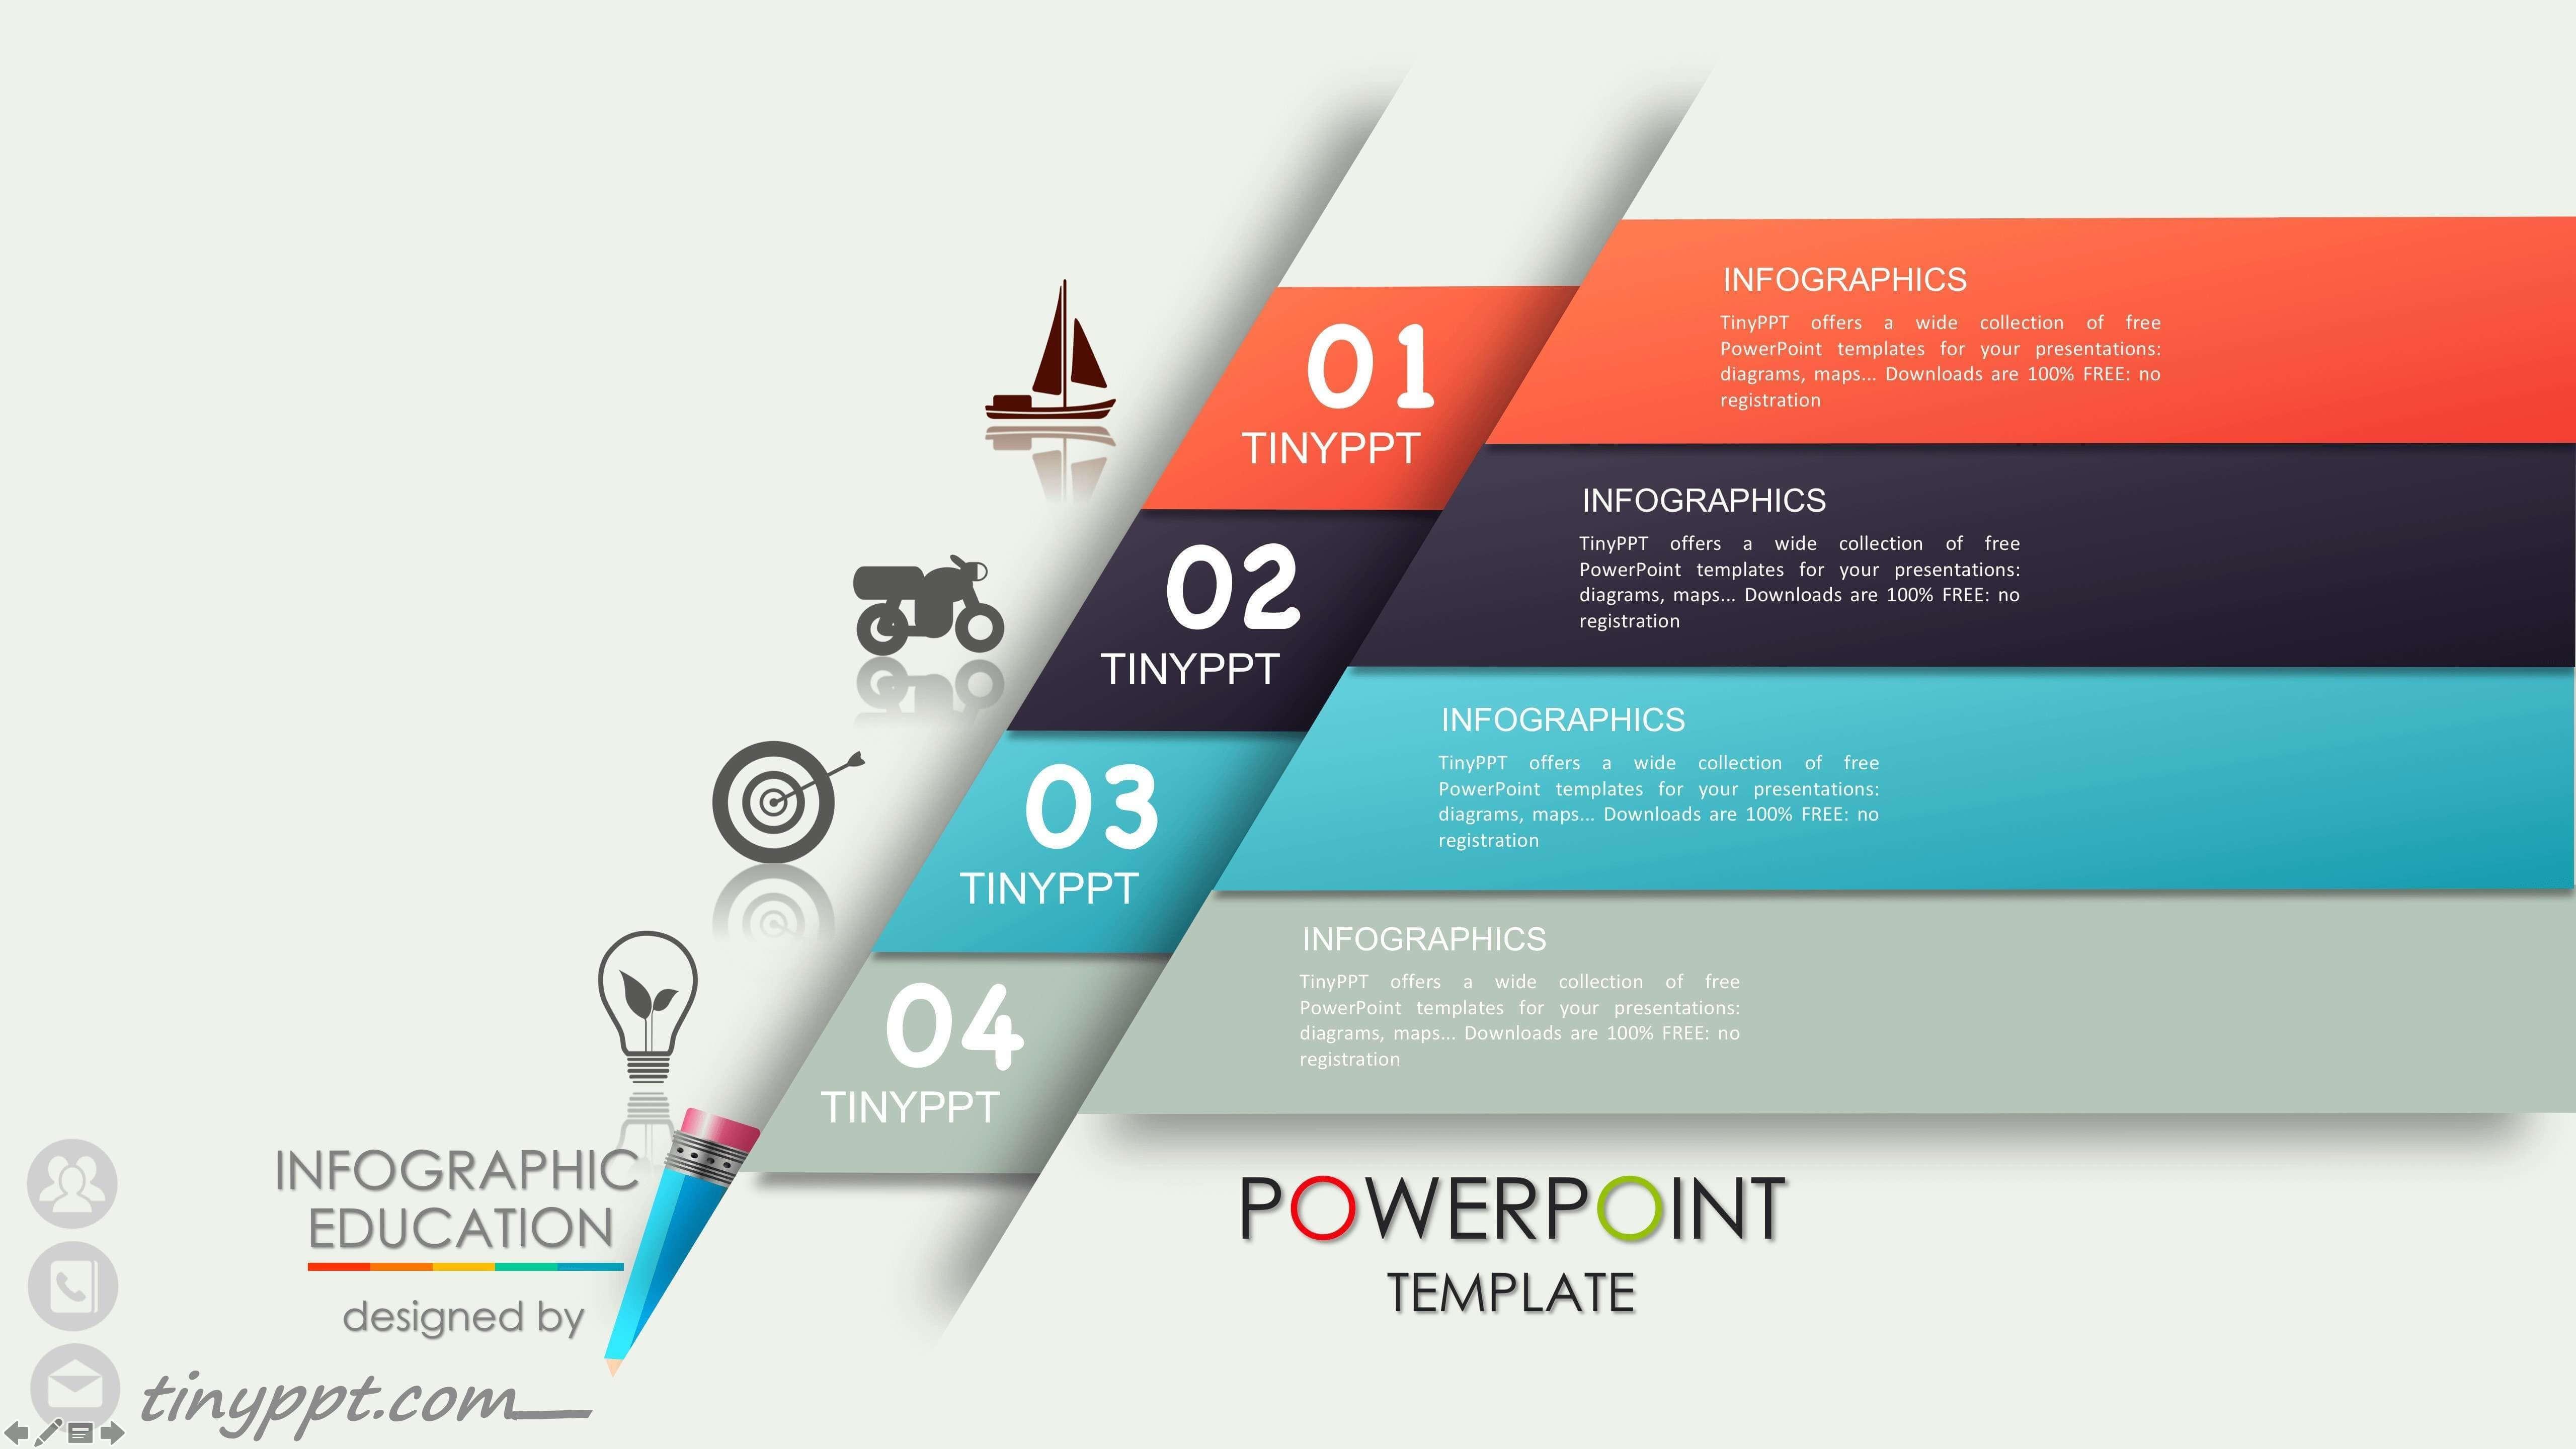 Change Infographic – Elegant ¢Ë†å¡ How To Change Powerpoint Regarding How To Change Powerpoint Template